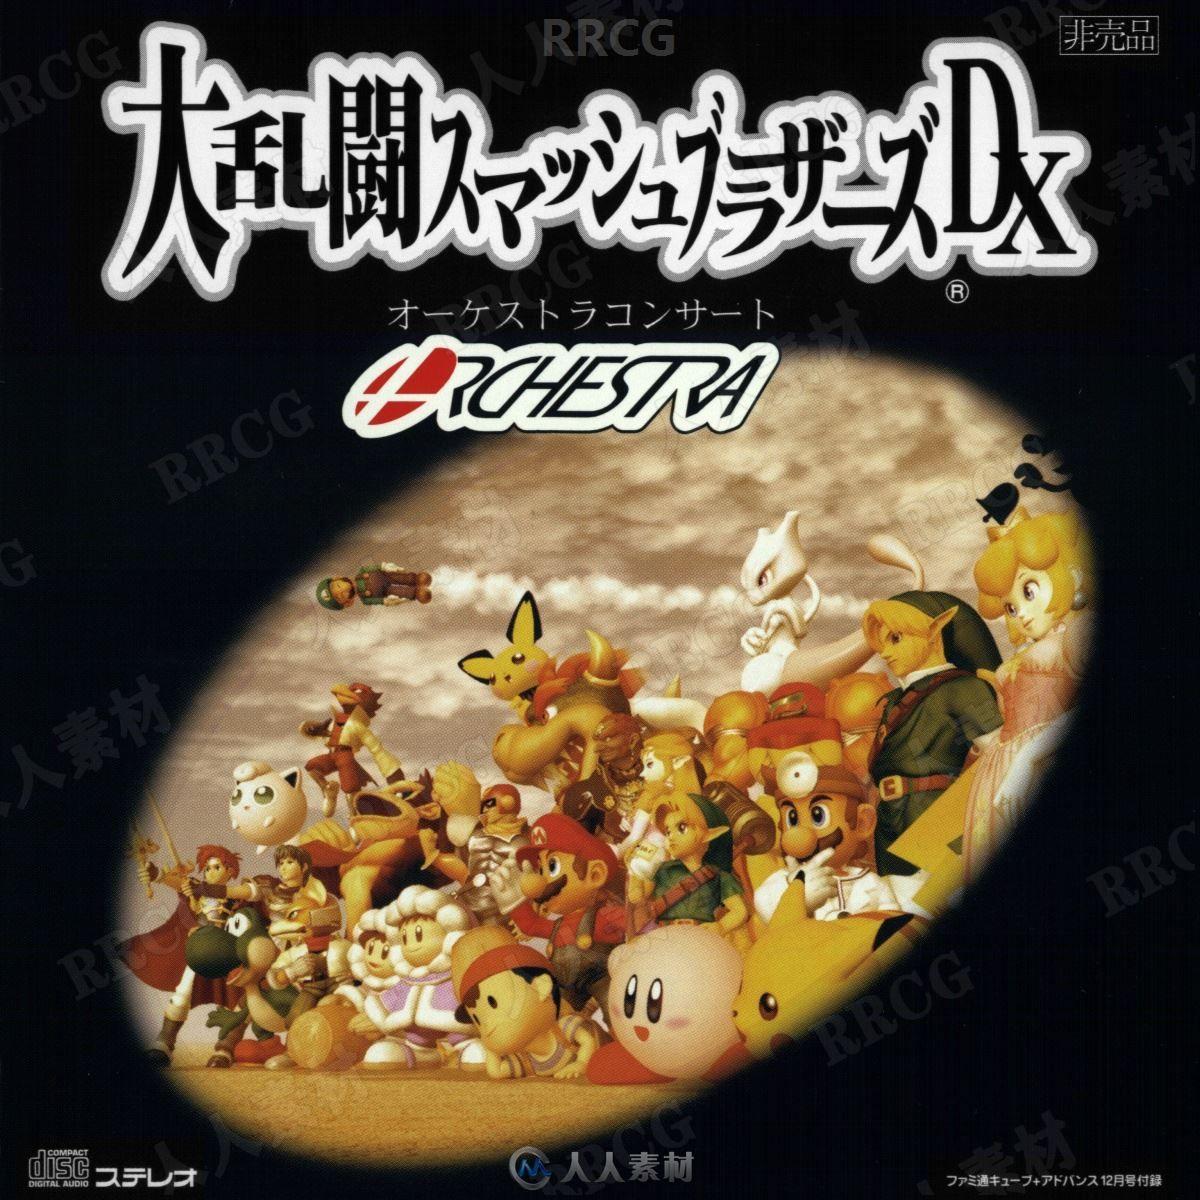 超级马里奥兄弟游戏配乐原声大碟OST音乐素材合集